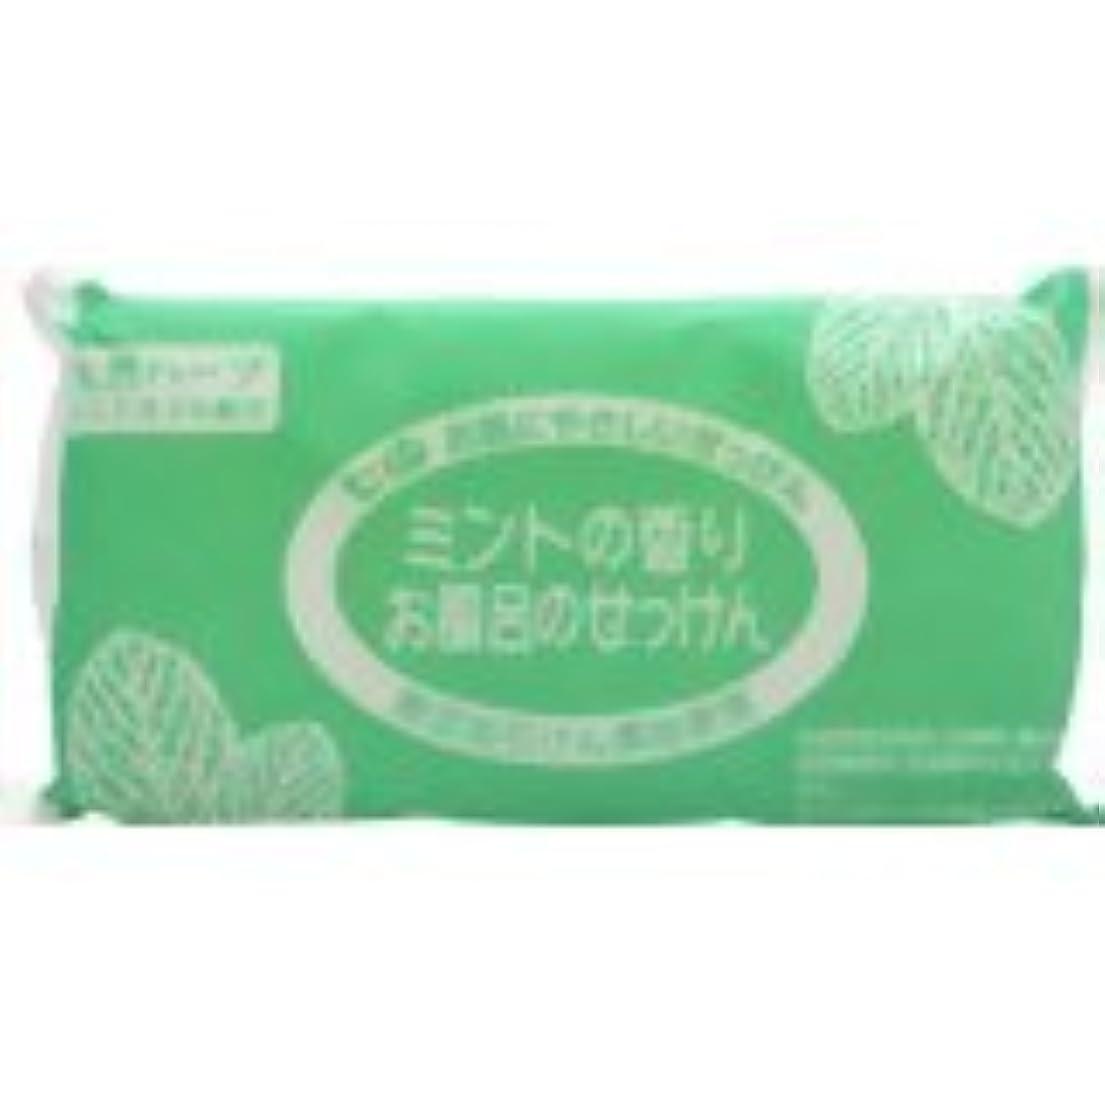 不健康居心地の良い花お風呂のせっけん ミントの香り100g×3コ入